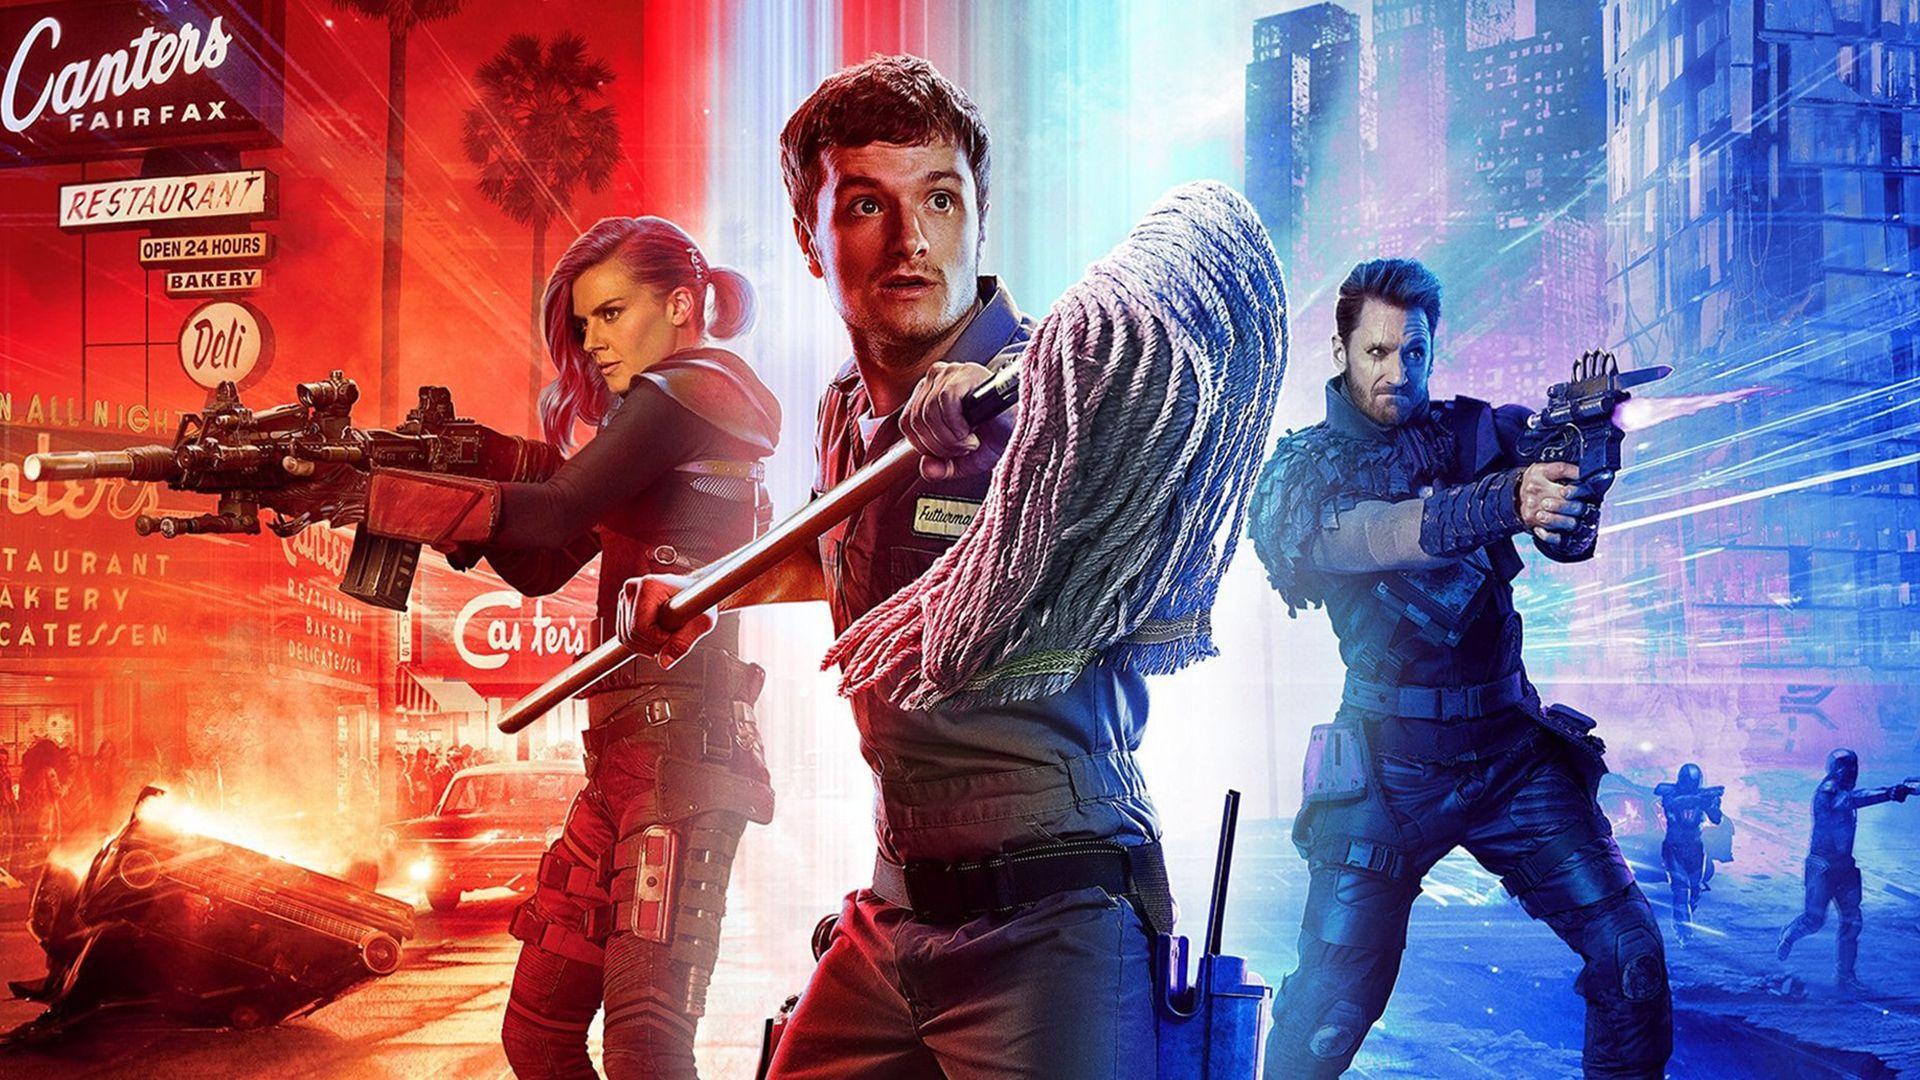 Future Man la série déjantée de Seth Rogen revient pour une saison 2. Bonne nouvelle le futur est toujours aussi fun !